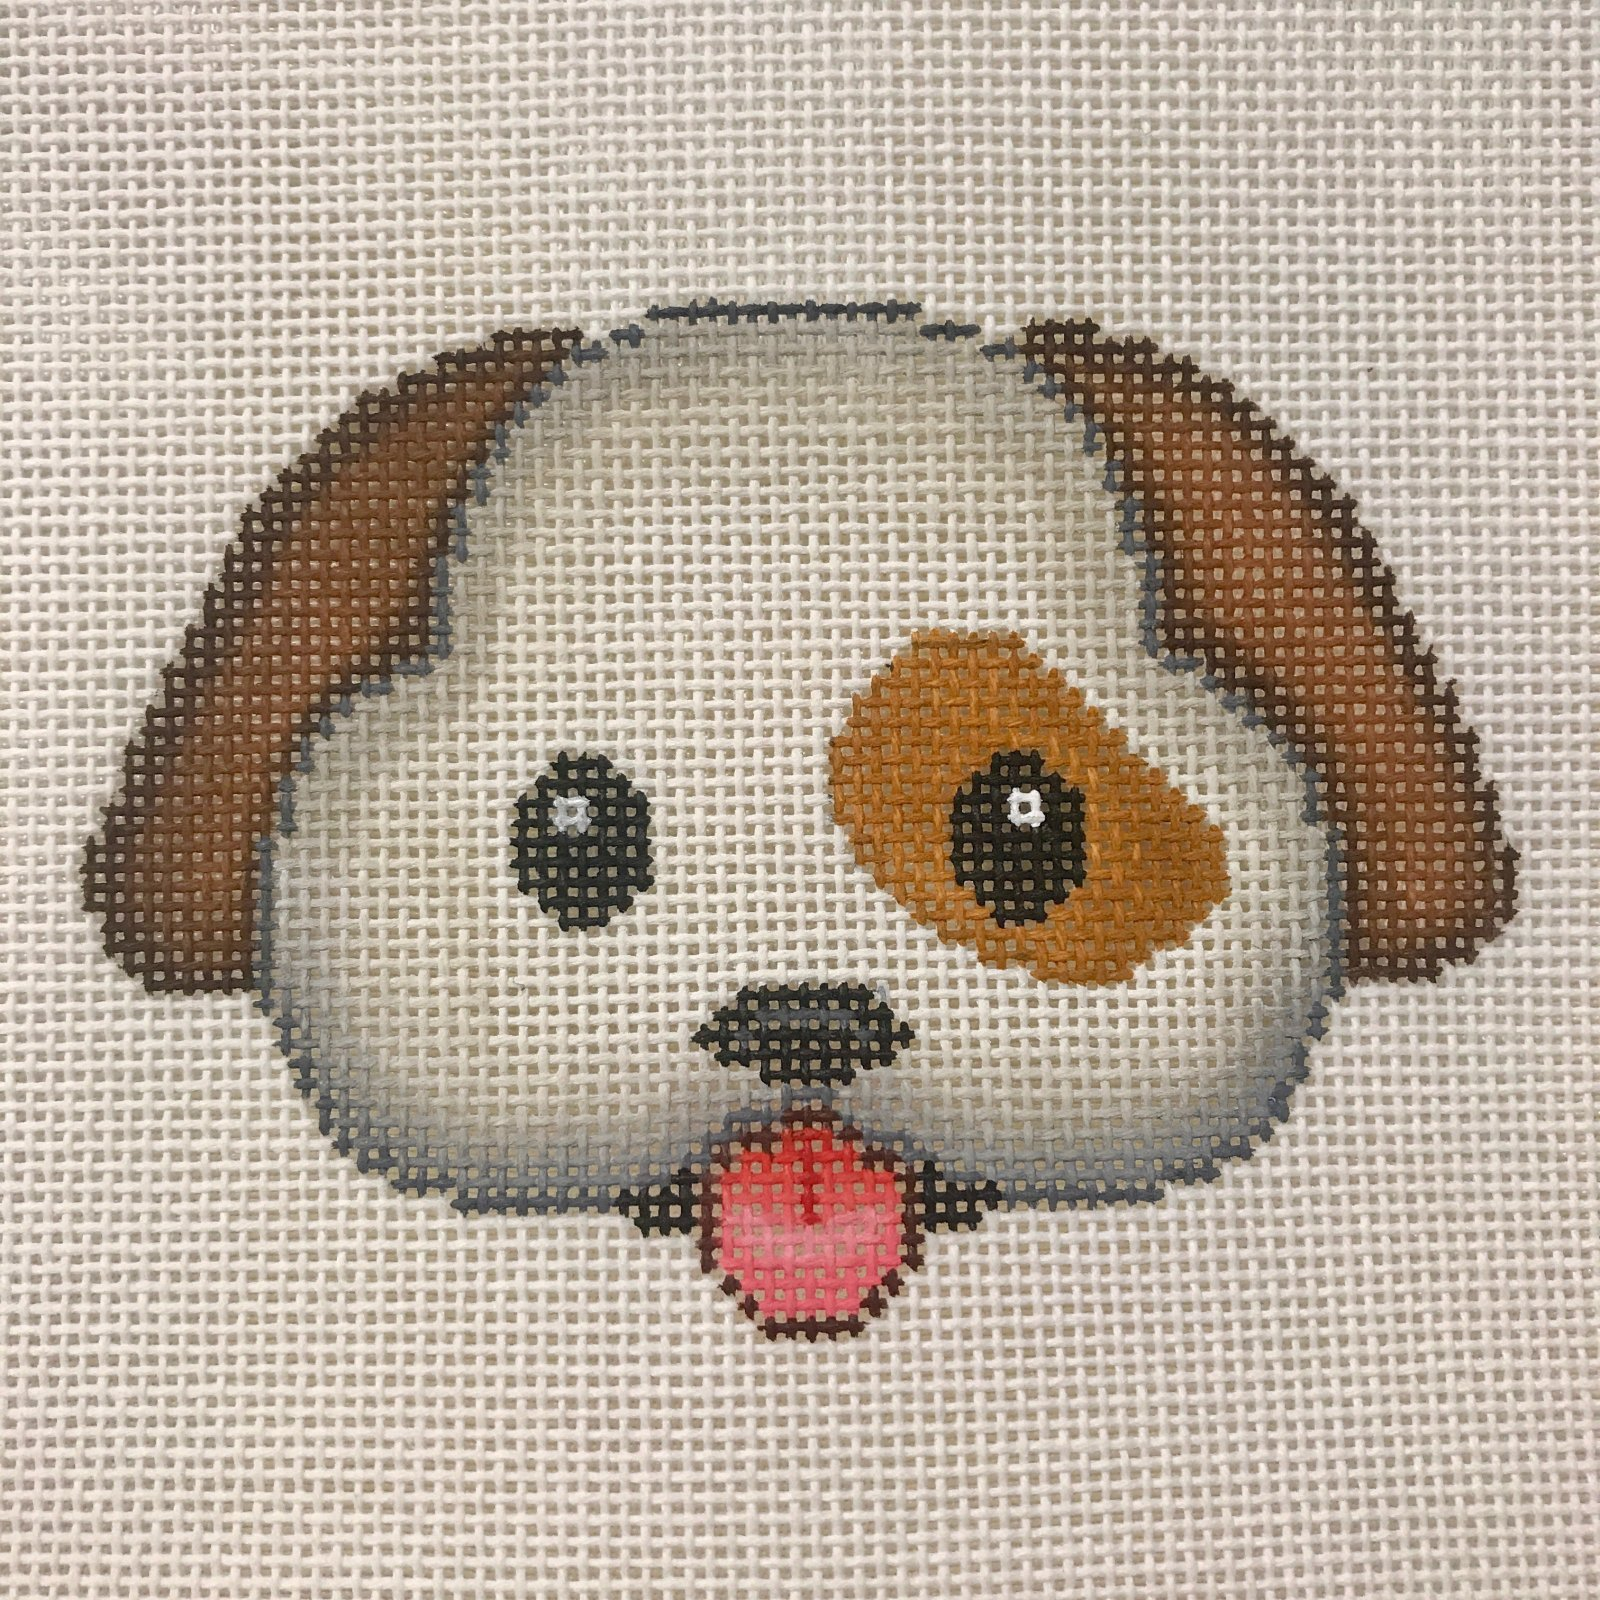 Puppy Emoji